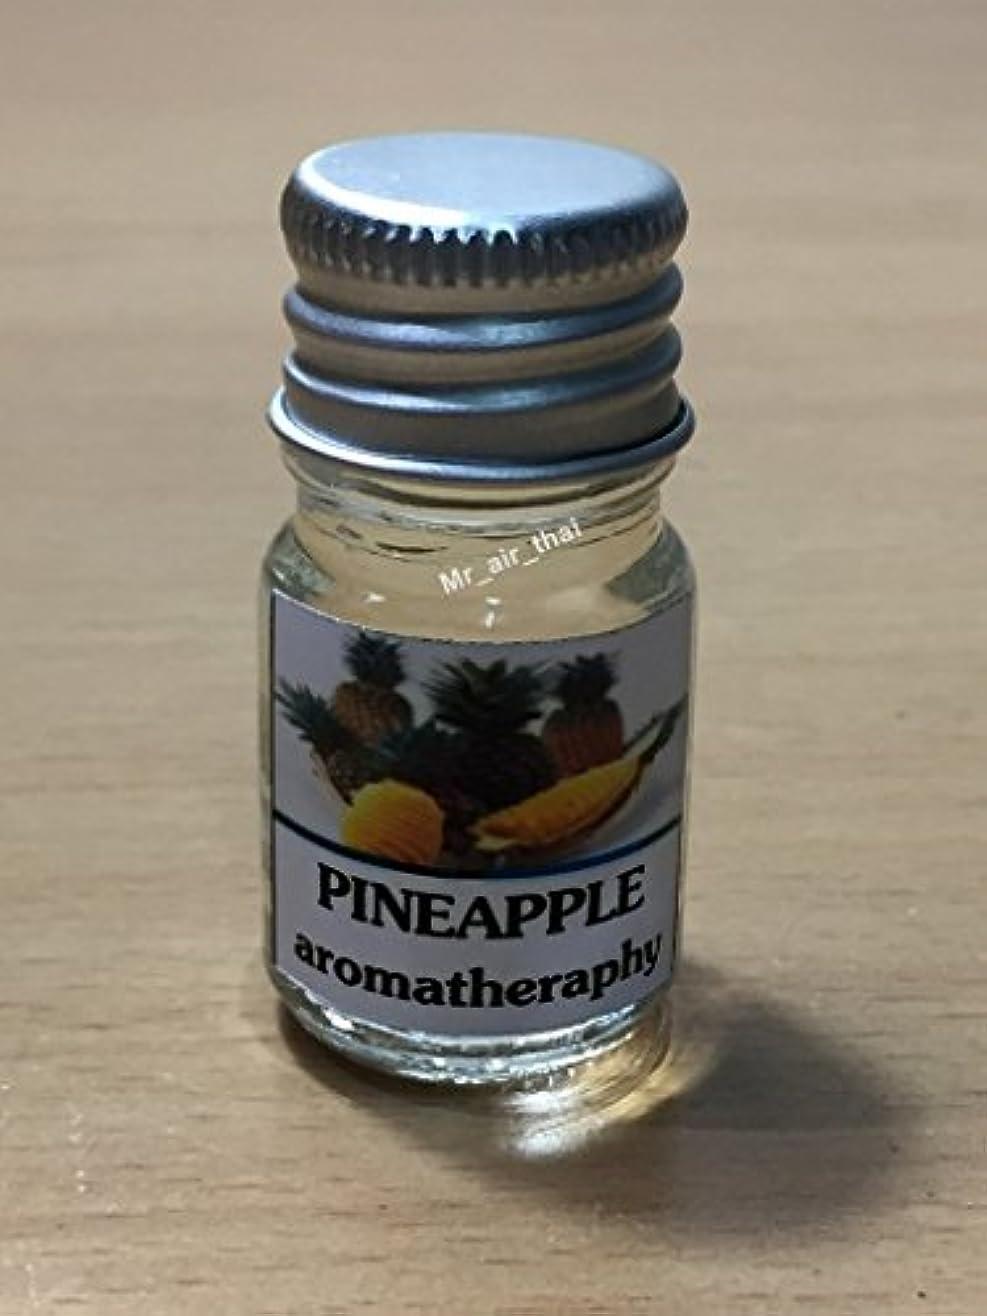 第九粘性のサークル5ミリリットルアロマパイナップルフランクインセンスエッセンシャルオイルボトルアロマテラピーオイル自然自然5ml Aroma Pineapple Frankincense Essential Oil Bottles Aromatherapy...